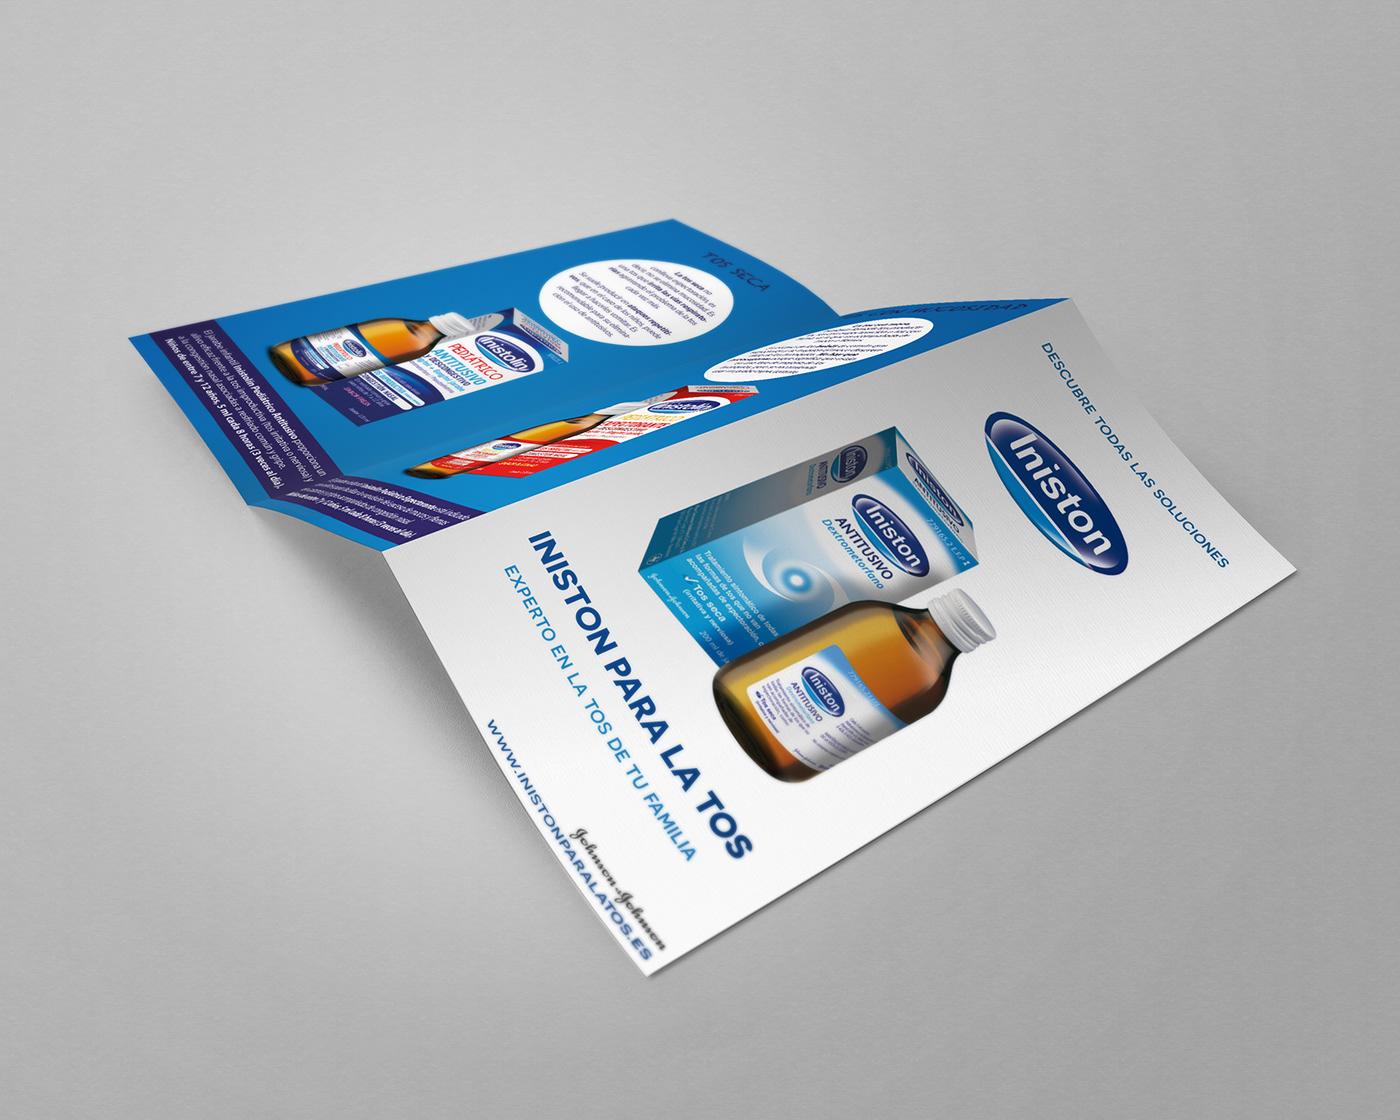 diseño gráfico flyer folleto graphic design